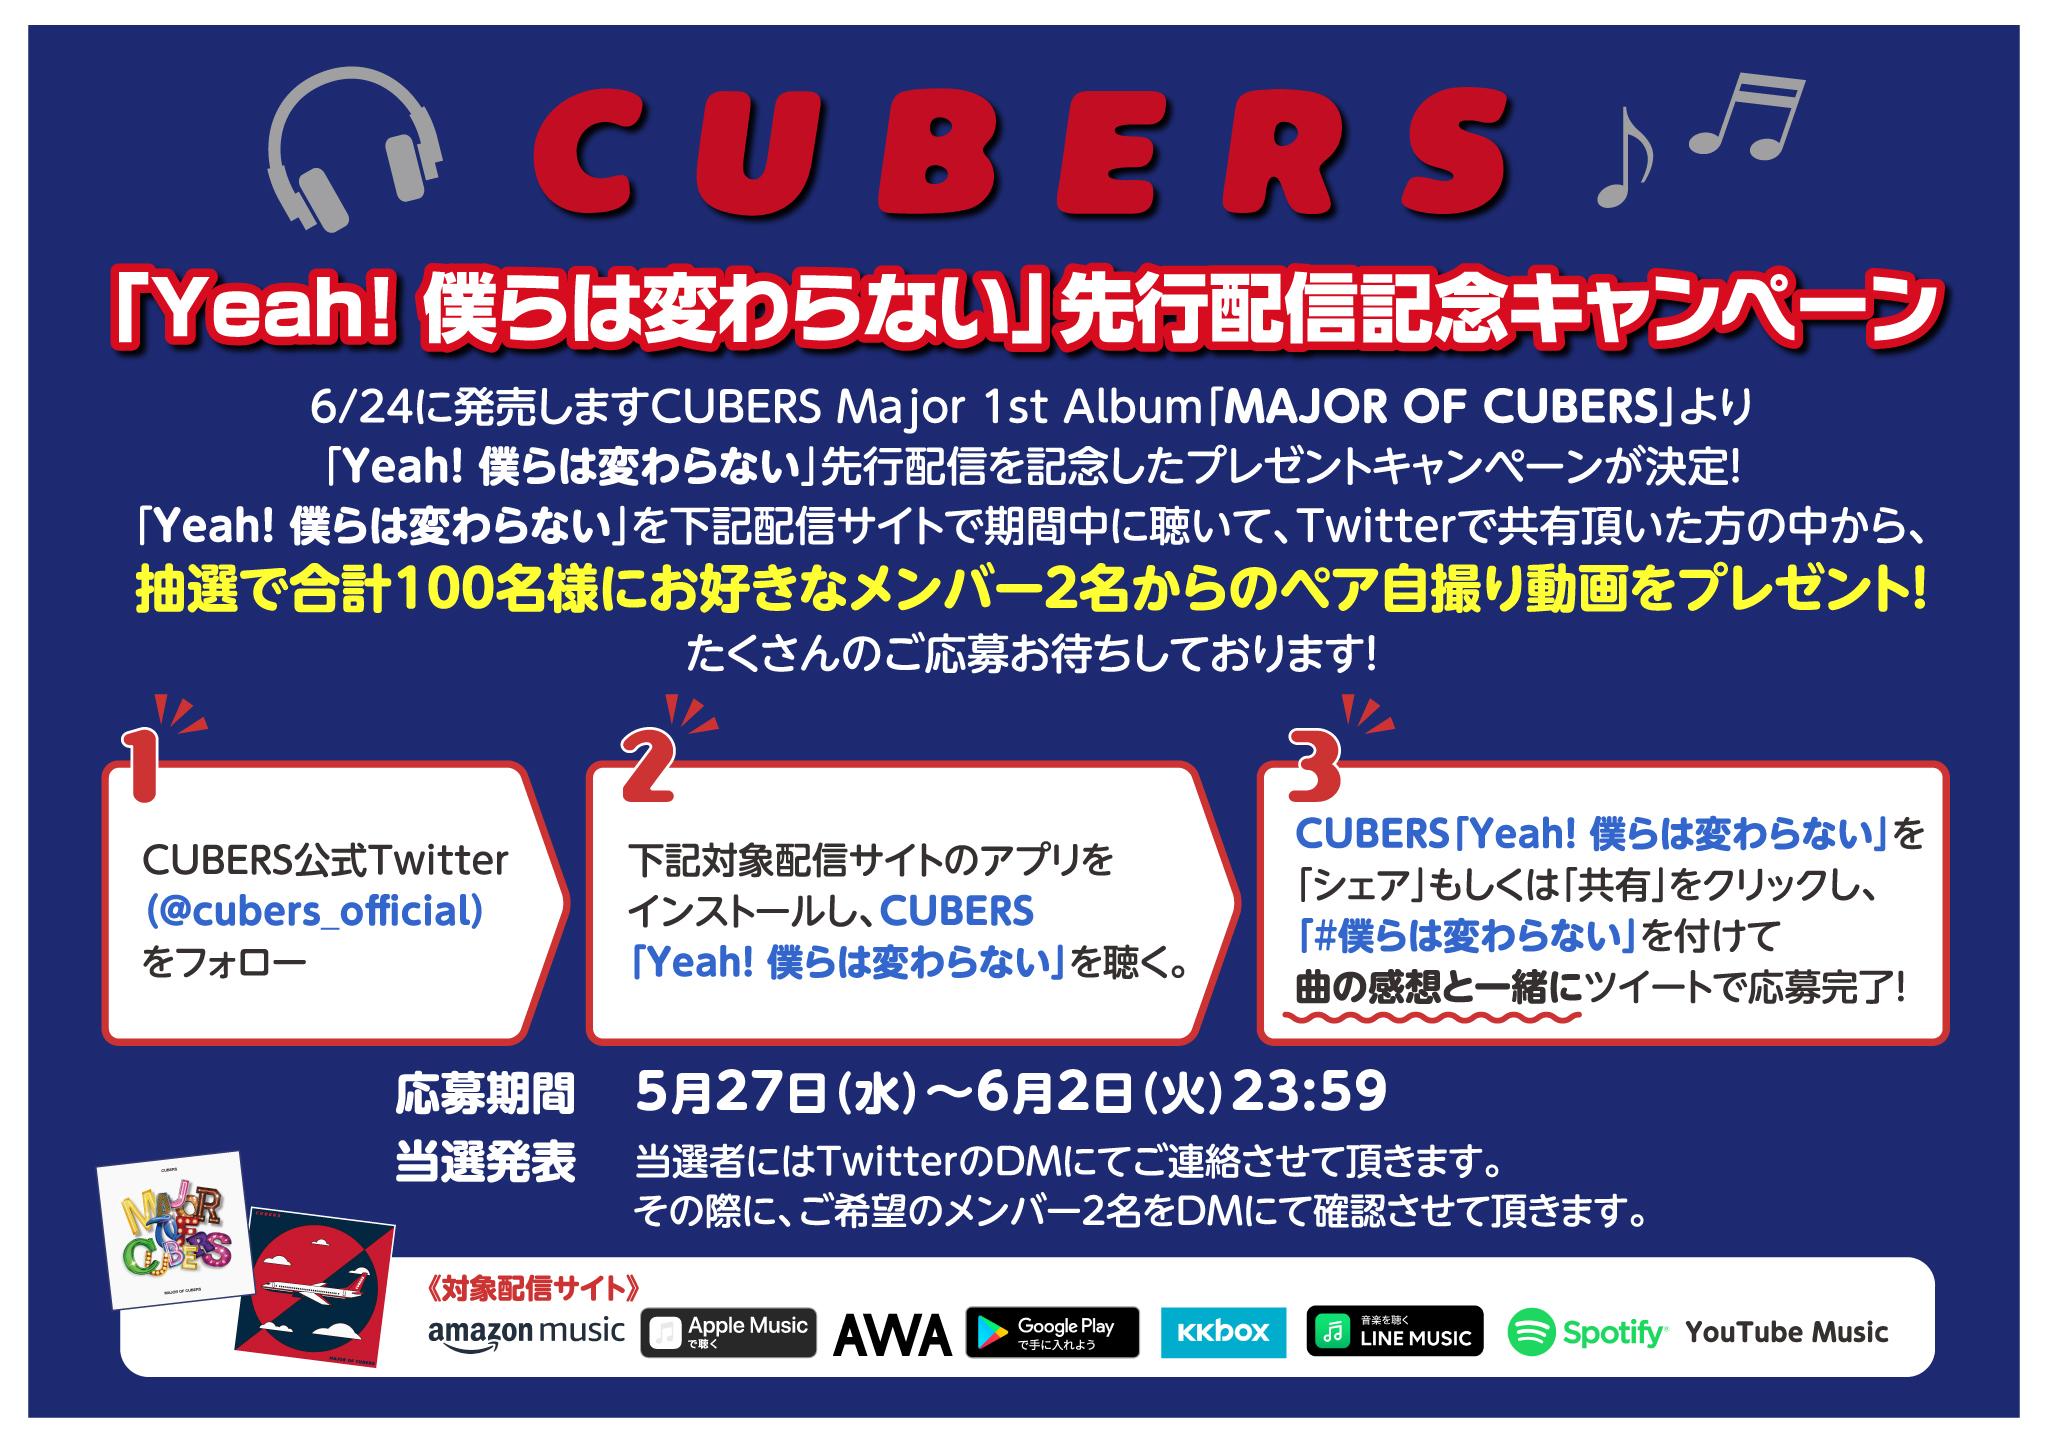 【NEWS】メジャー1stアルバムに収録される「Yeah! 僕らは変わらない」先行配信記念キャンペーン実施!